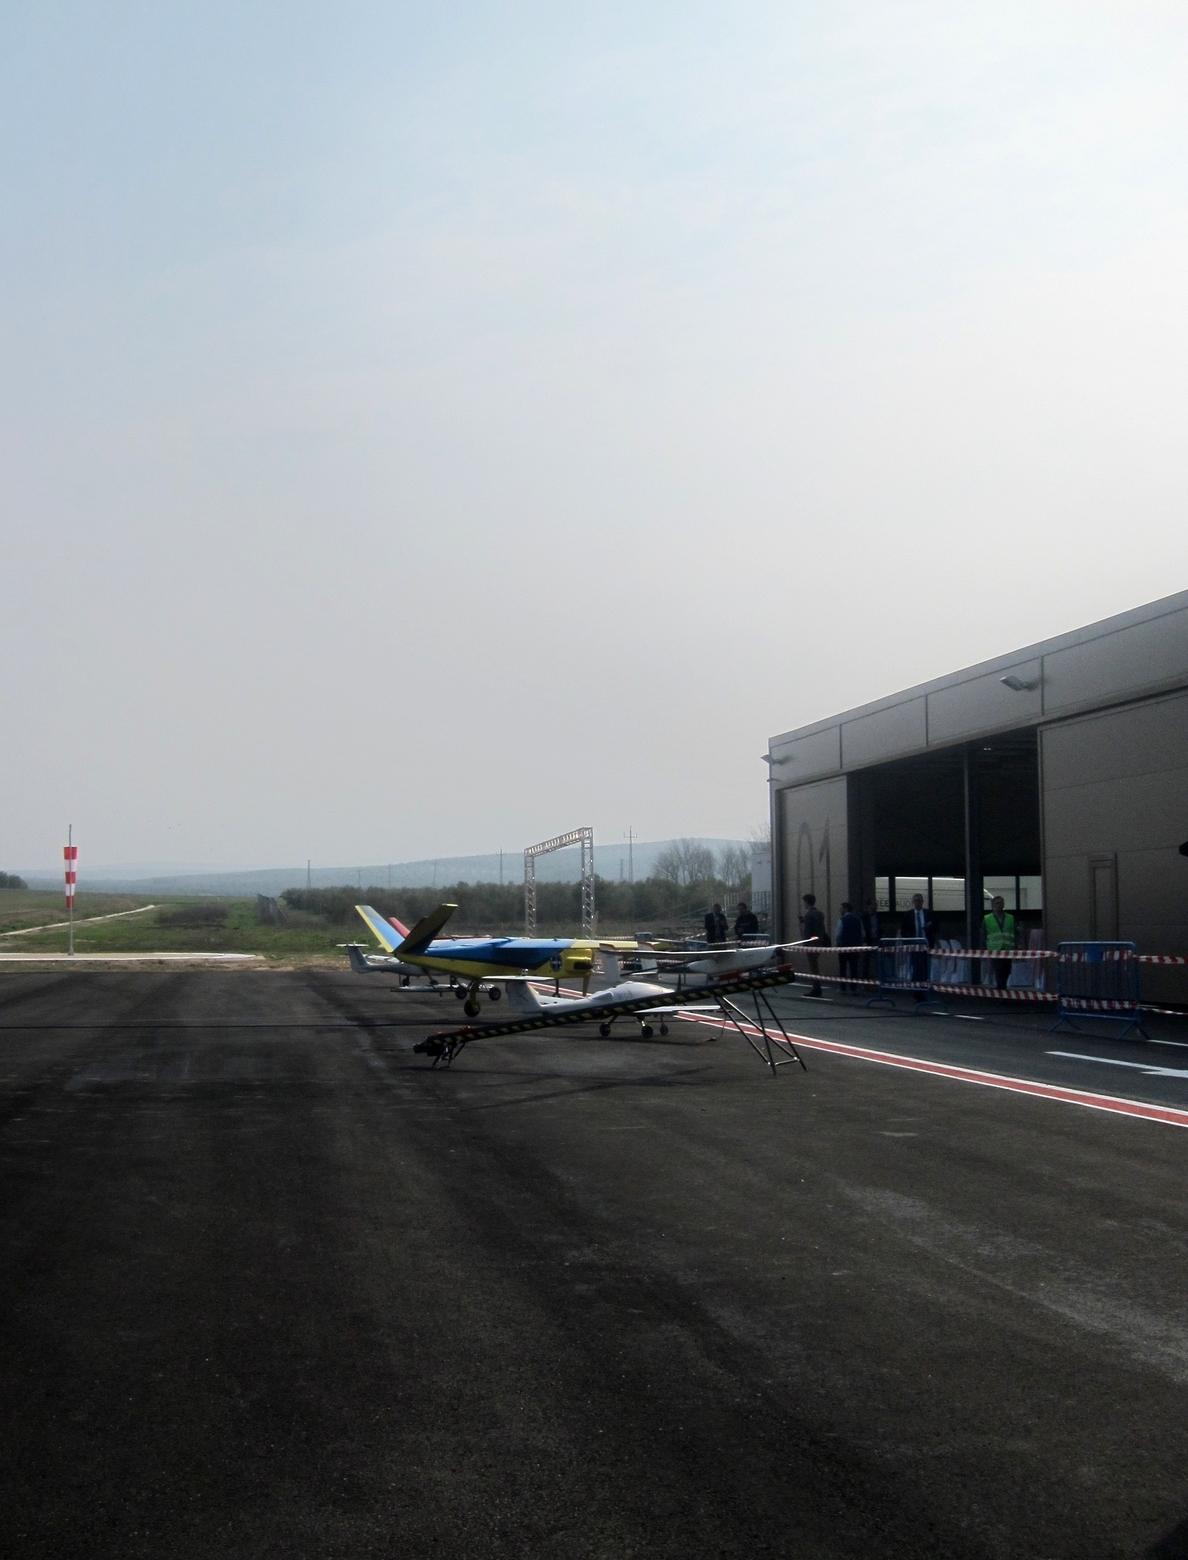 El Centro Atlas acoge este miércoles el «primer vuelo fuera de vista en España» con una aeronave no tripulada